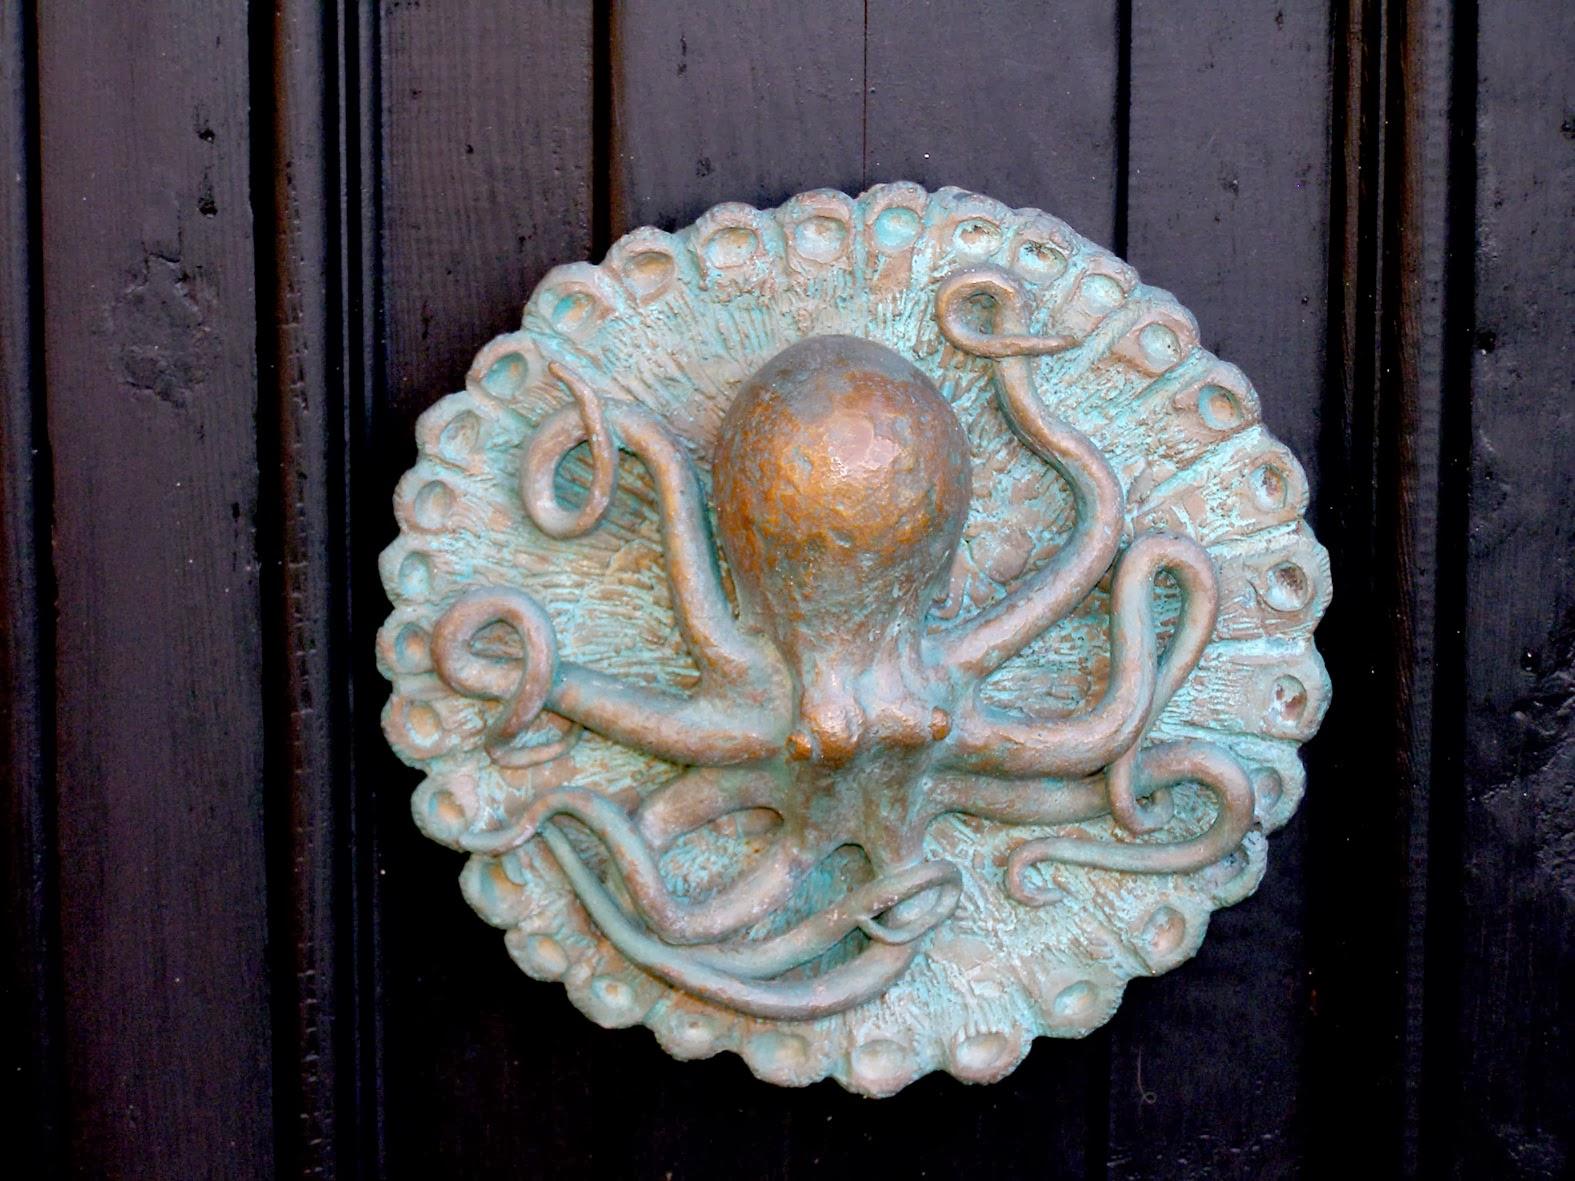 Octopus door knob